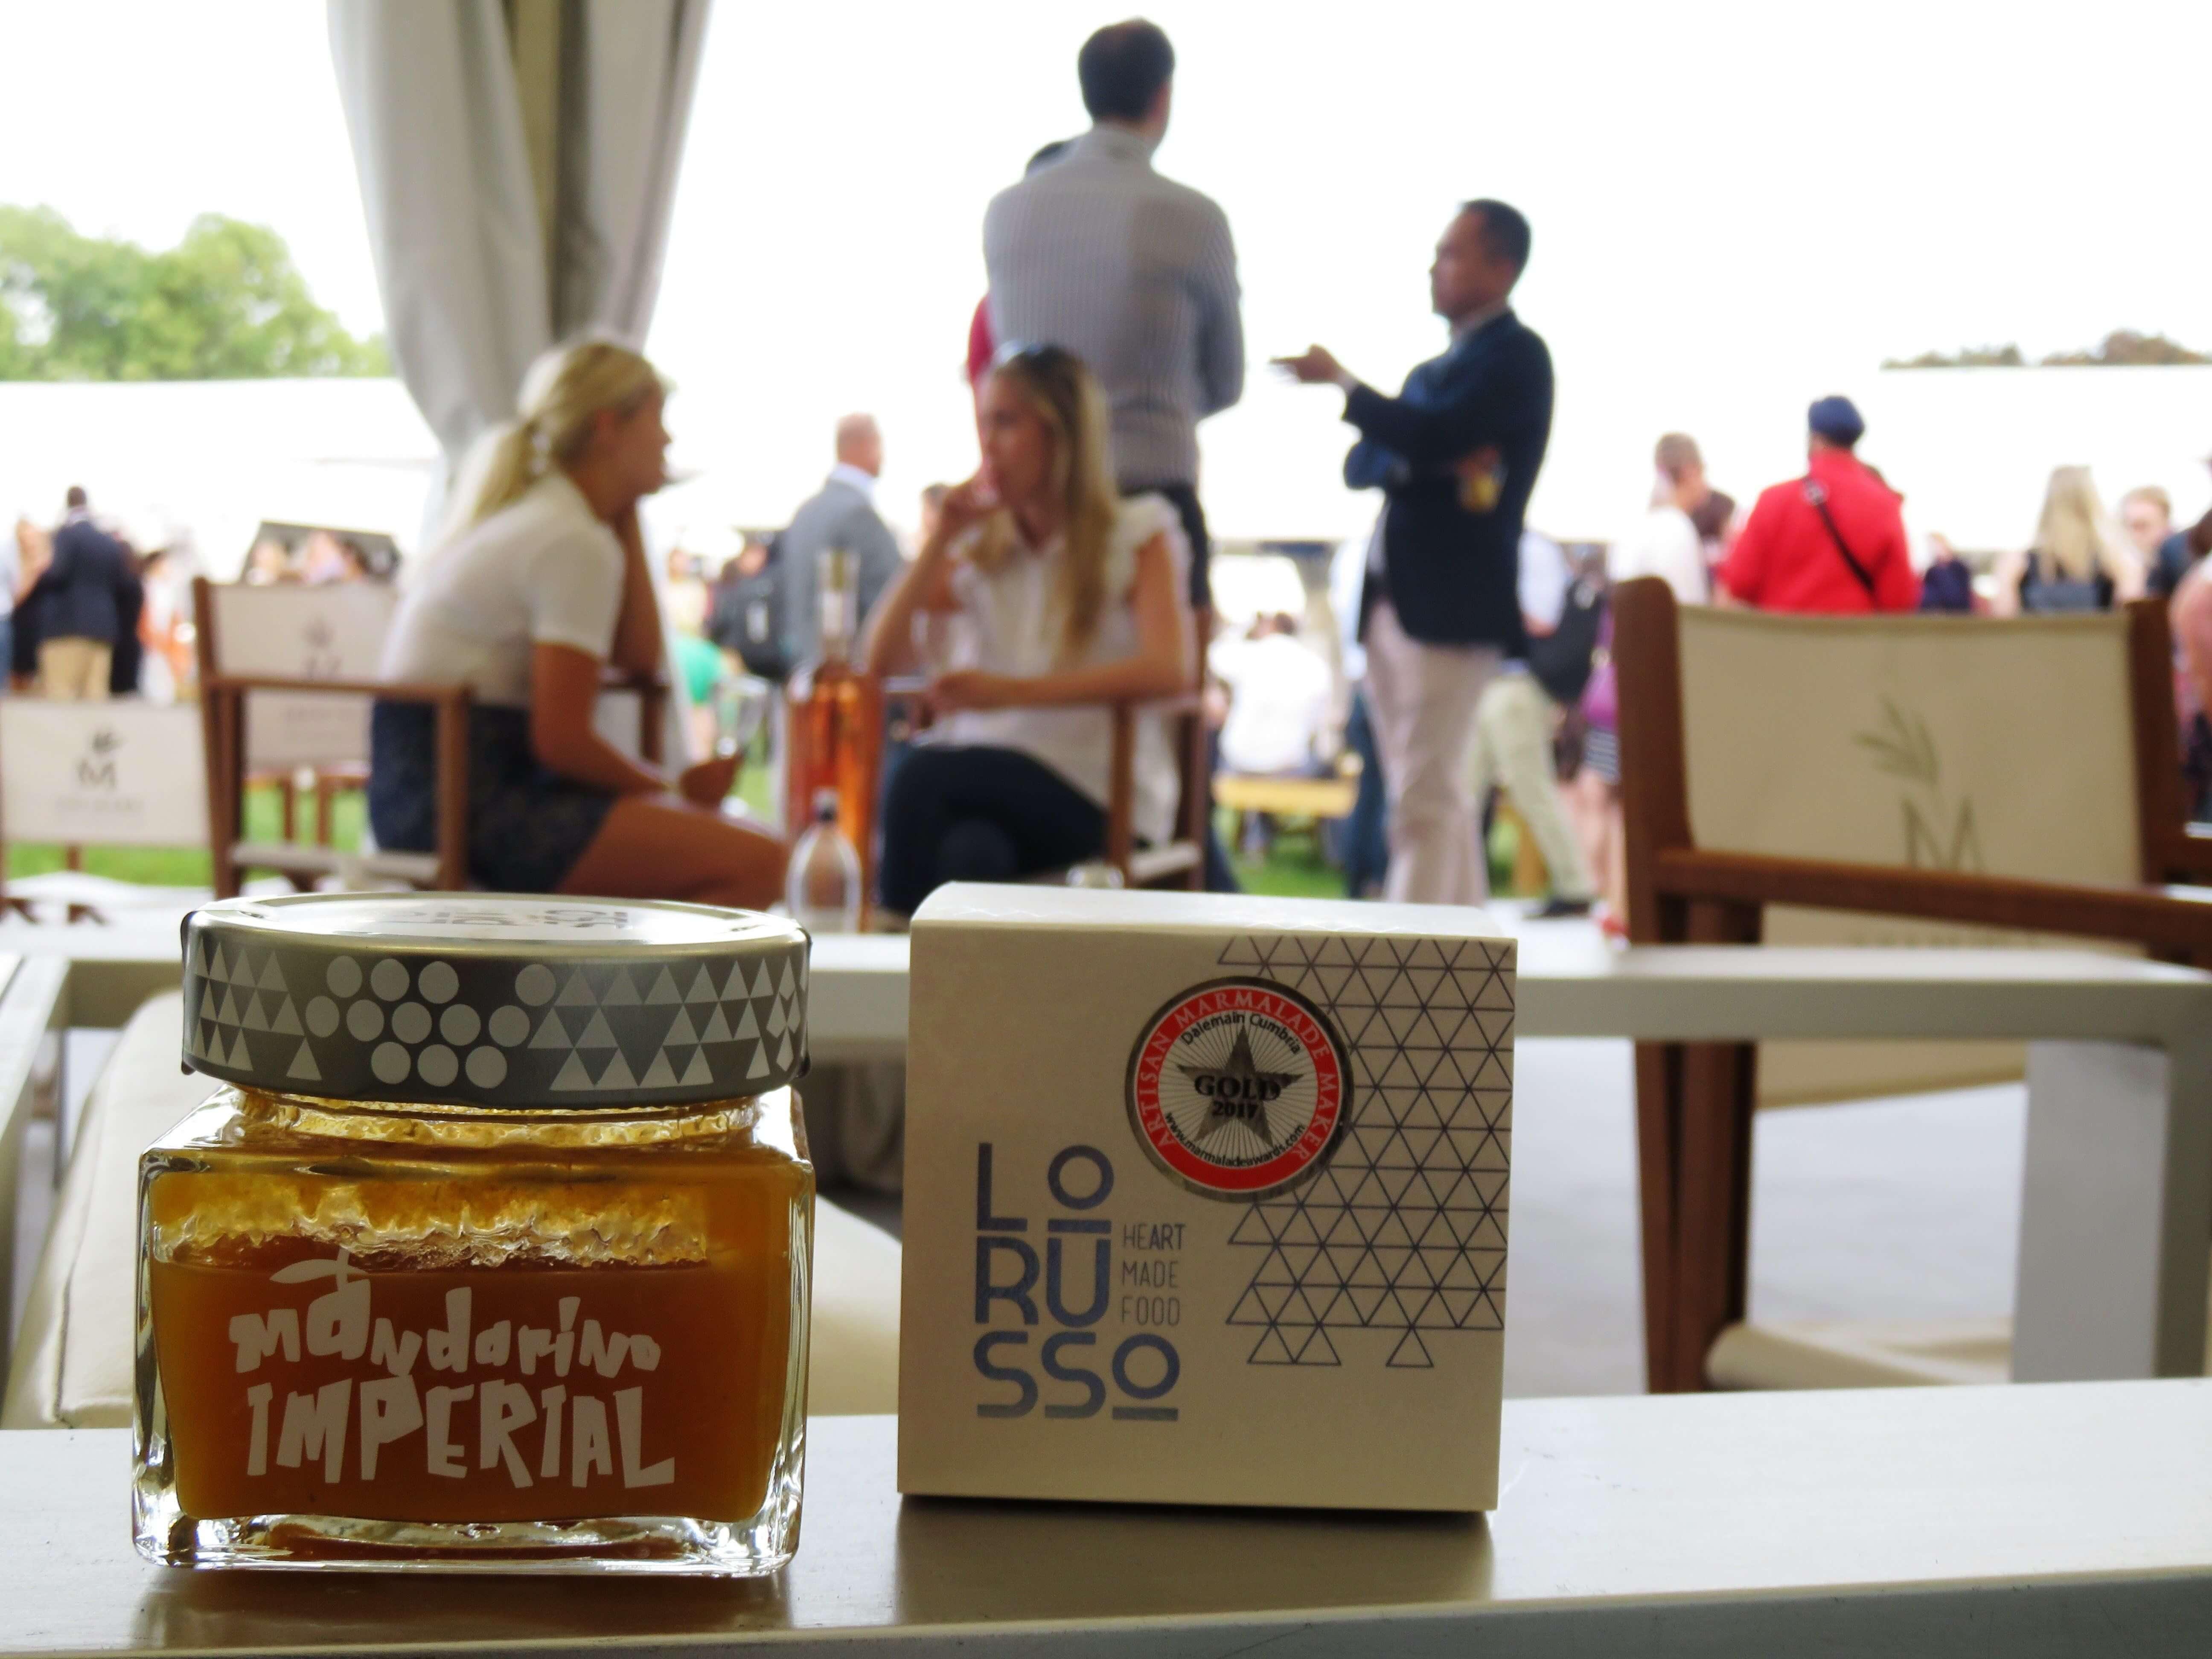 Nuestras mermeladas premium ecológicas en la Feria Taste of Lodon.